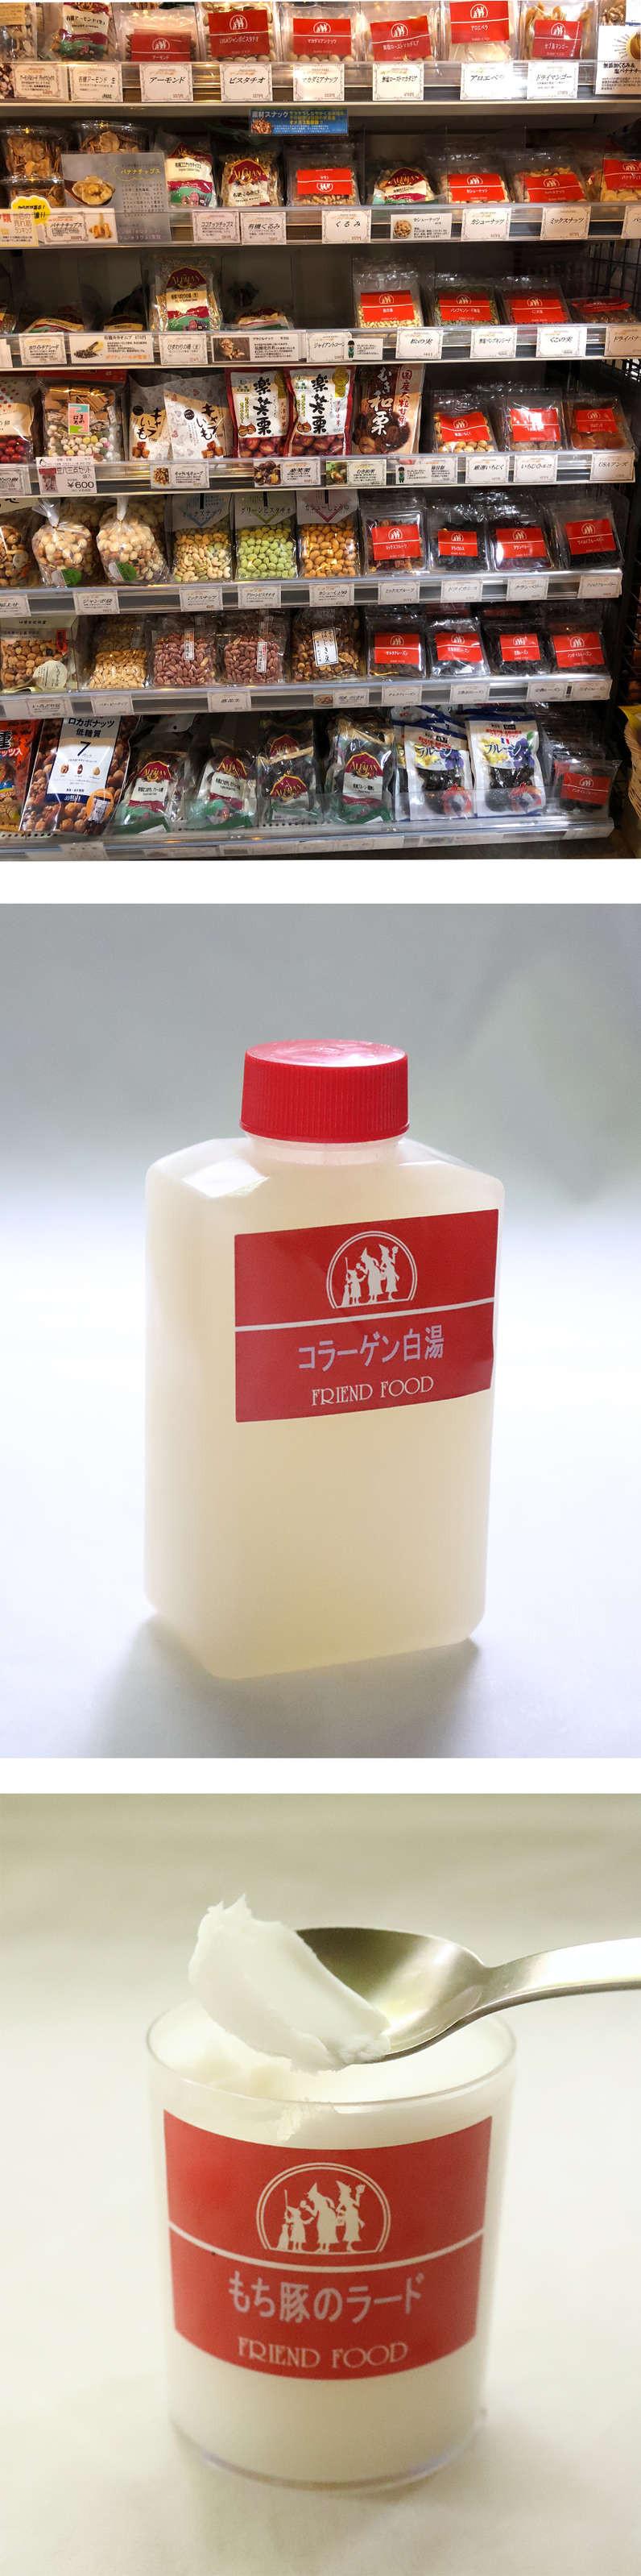 コラーゲン白湯(ぱいたん)冷凍360円(380ml、もち豚ラード 150円 /フレンドフーズ